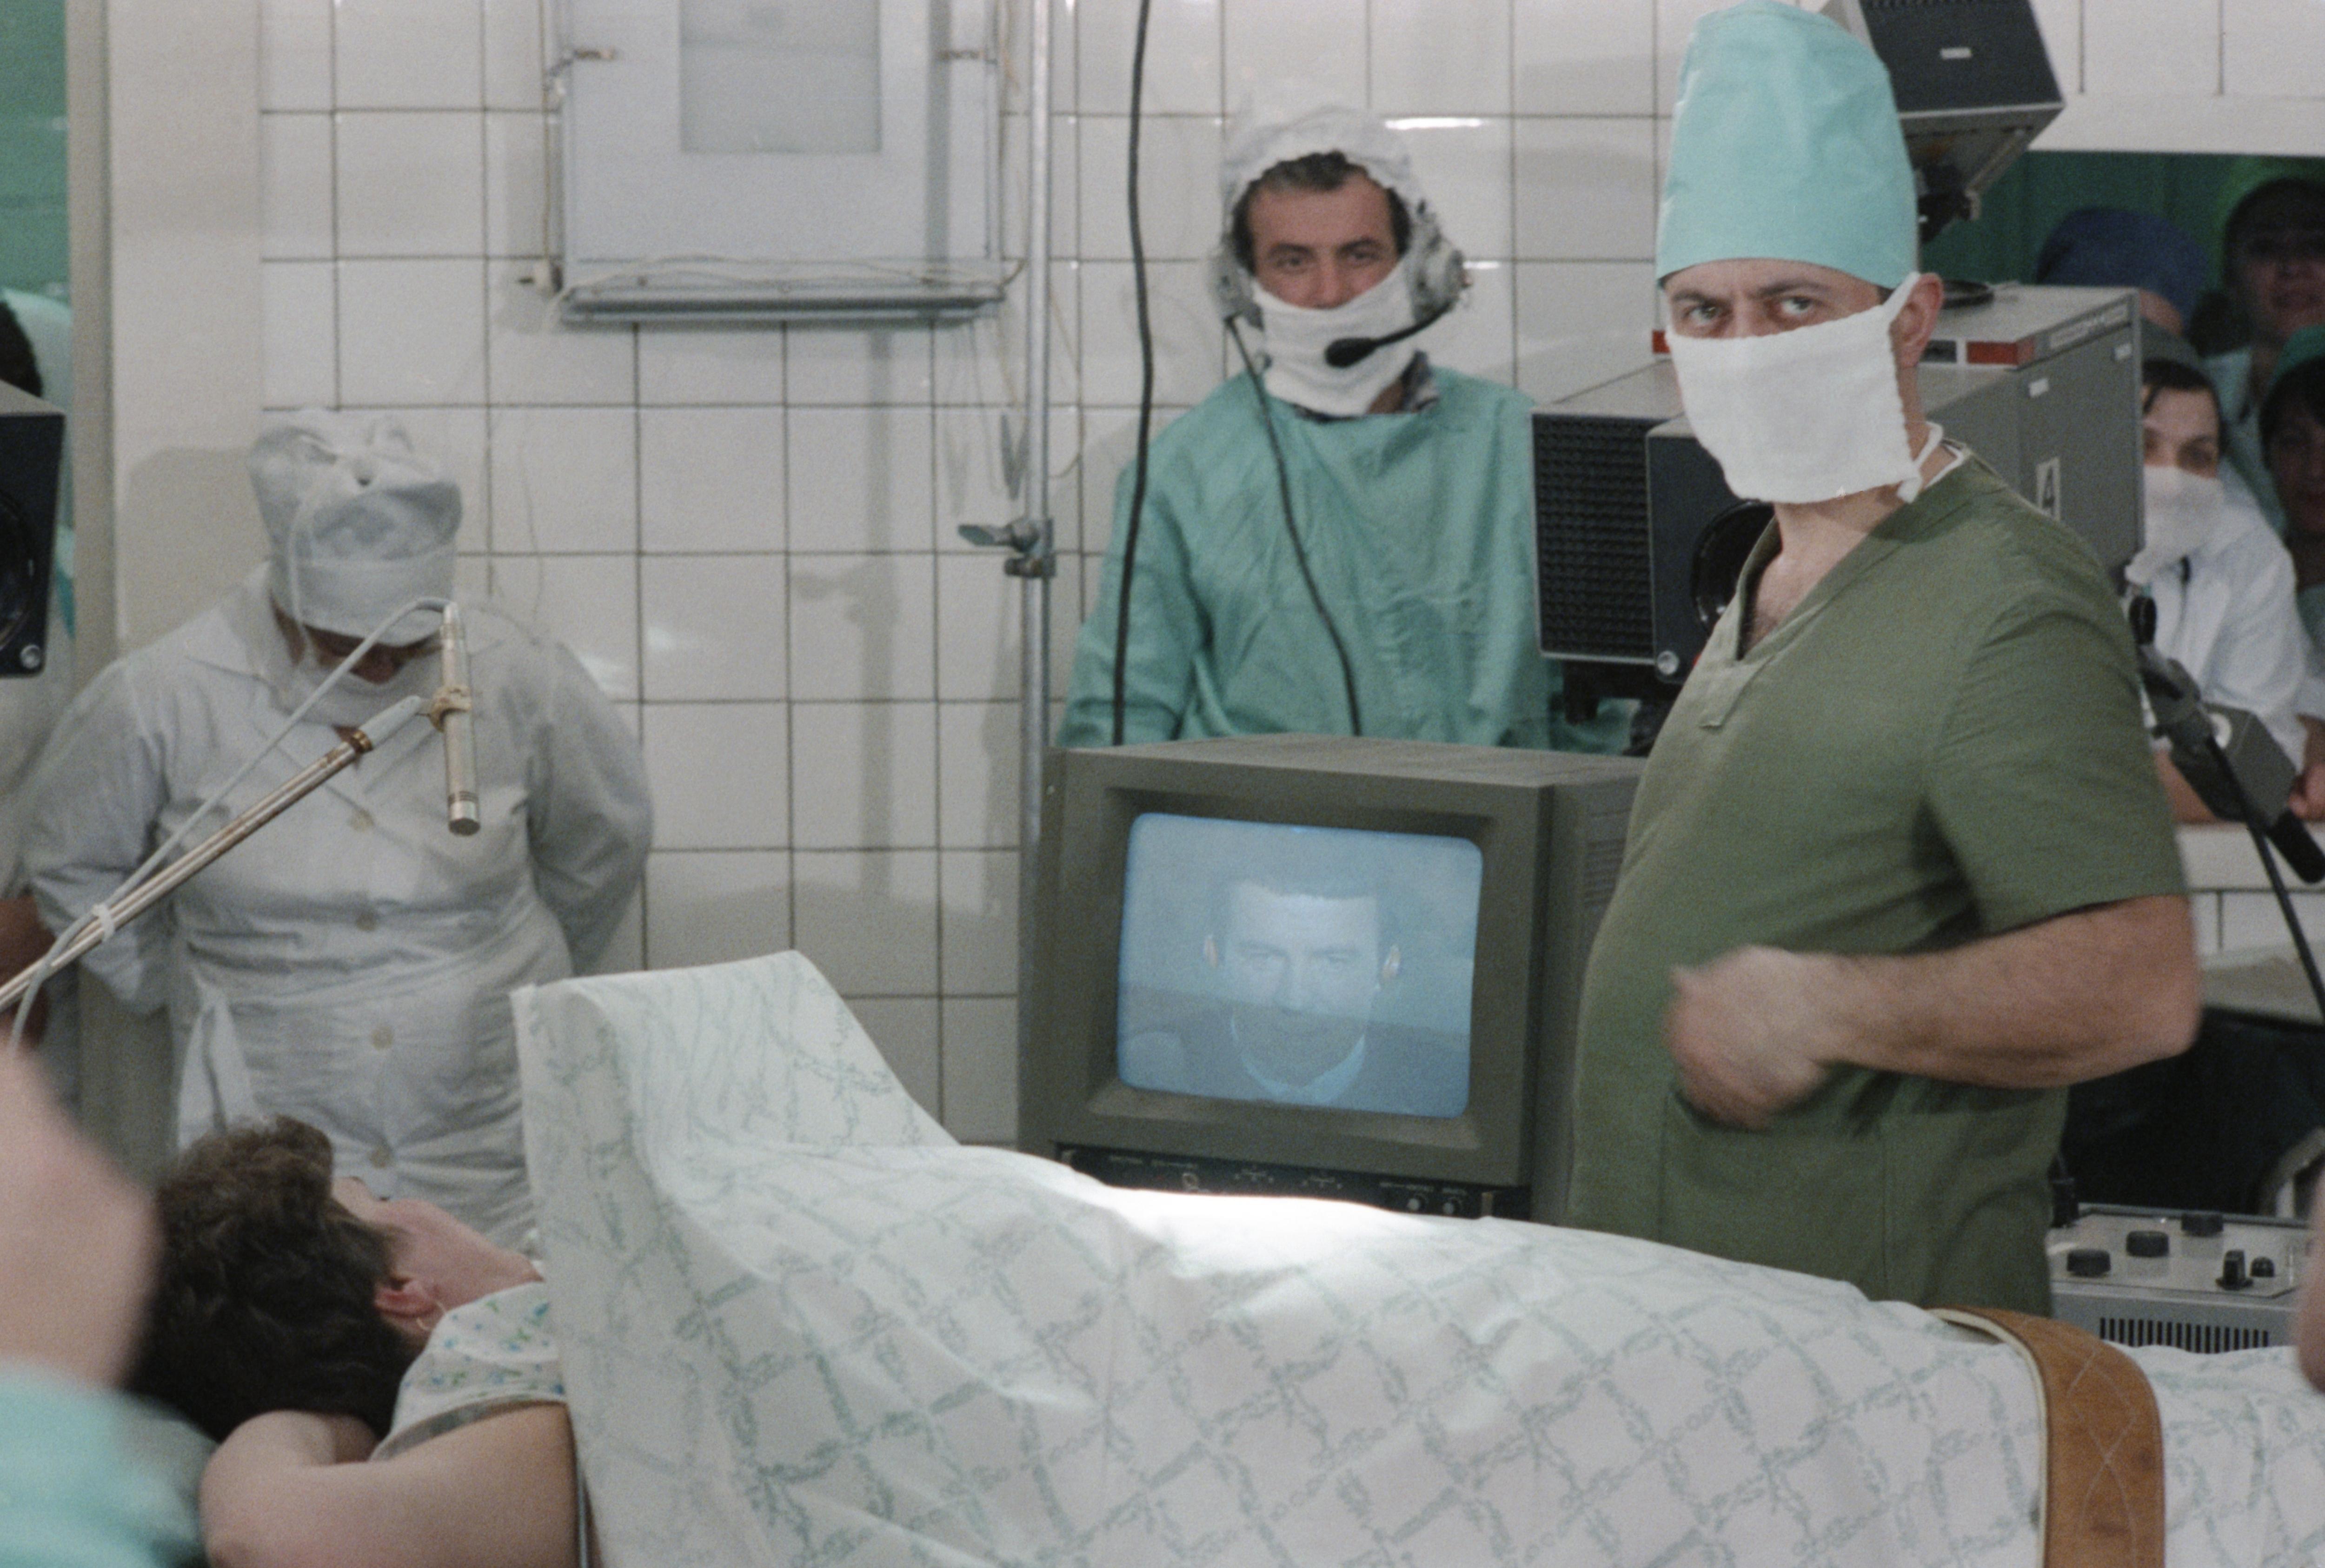 Обезболивание пациента дистанционно — один из нашумевших экспериментов Кашпировского. Фото © ТАСС